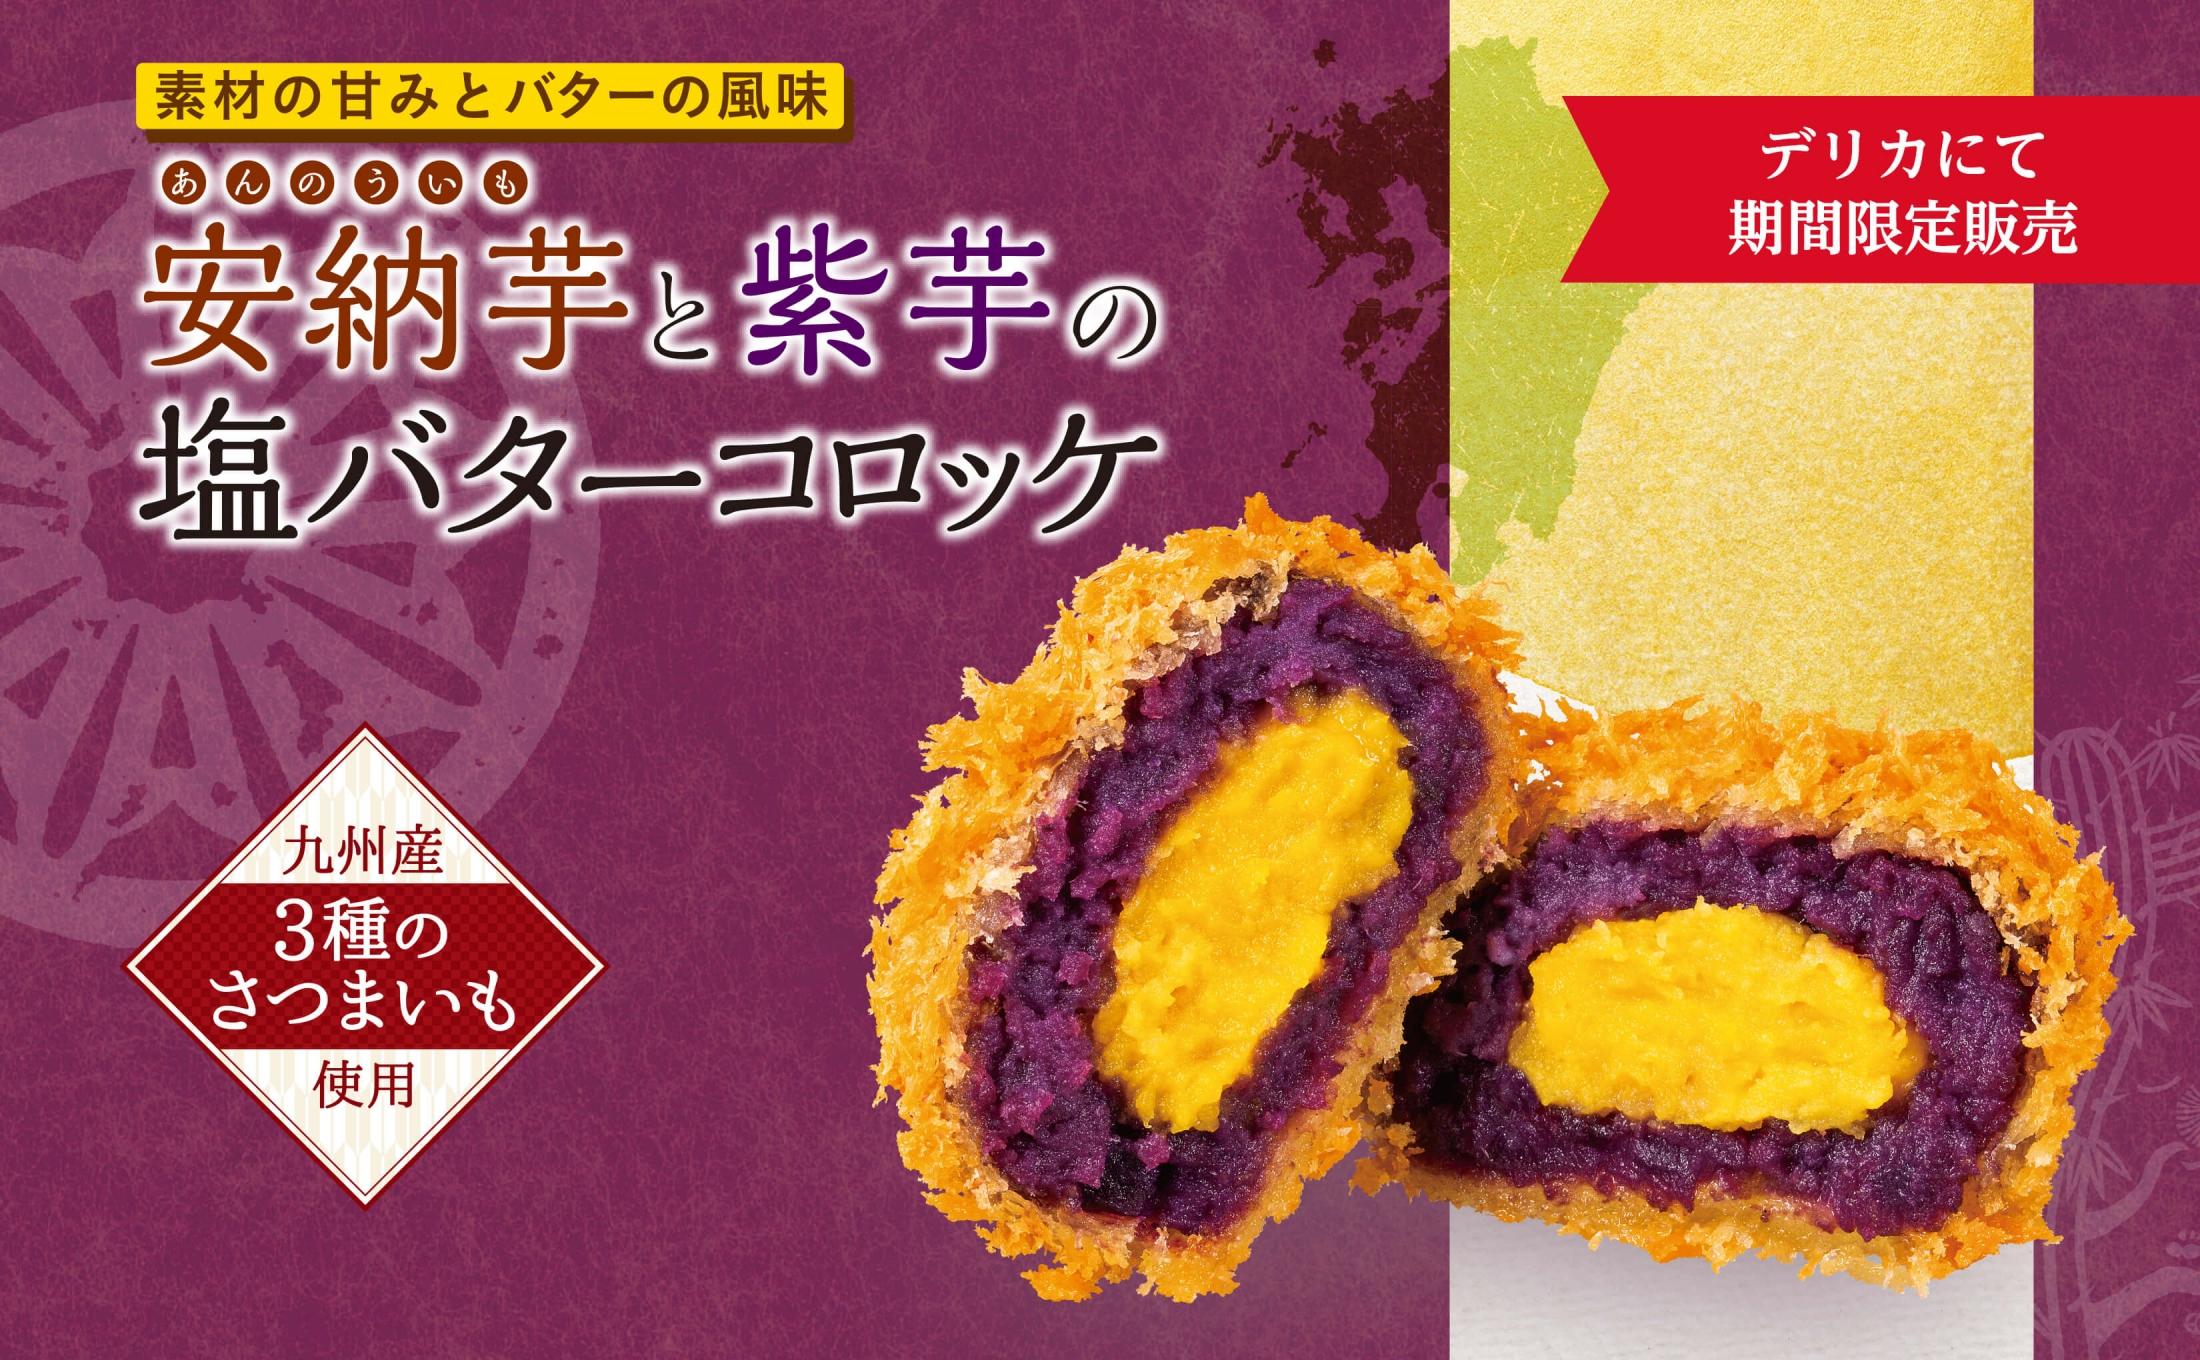 デリカにて「安納芋と紫芋の塩バターコロッケ」を期間限定で販売!